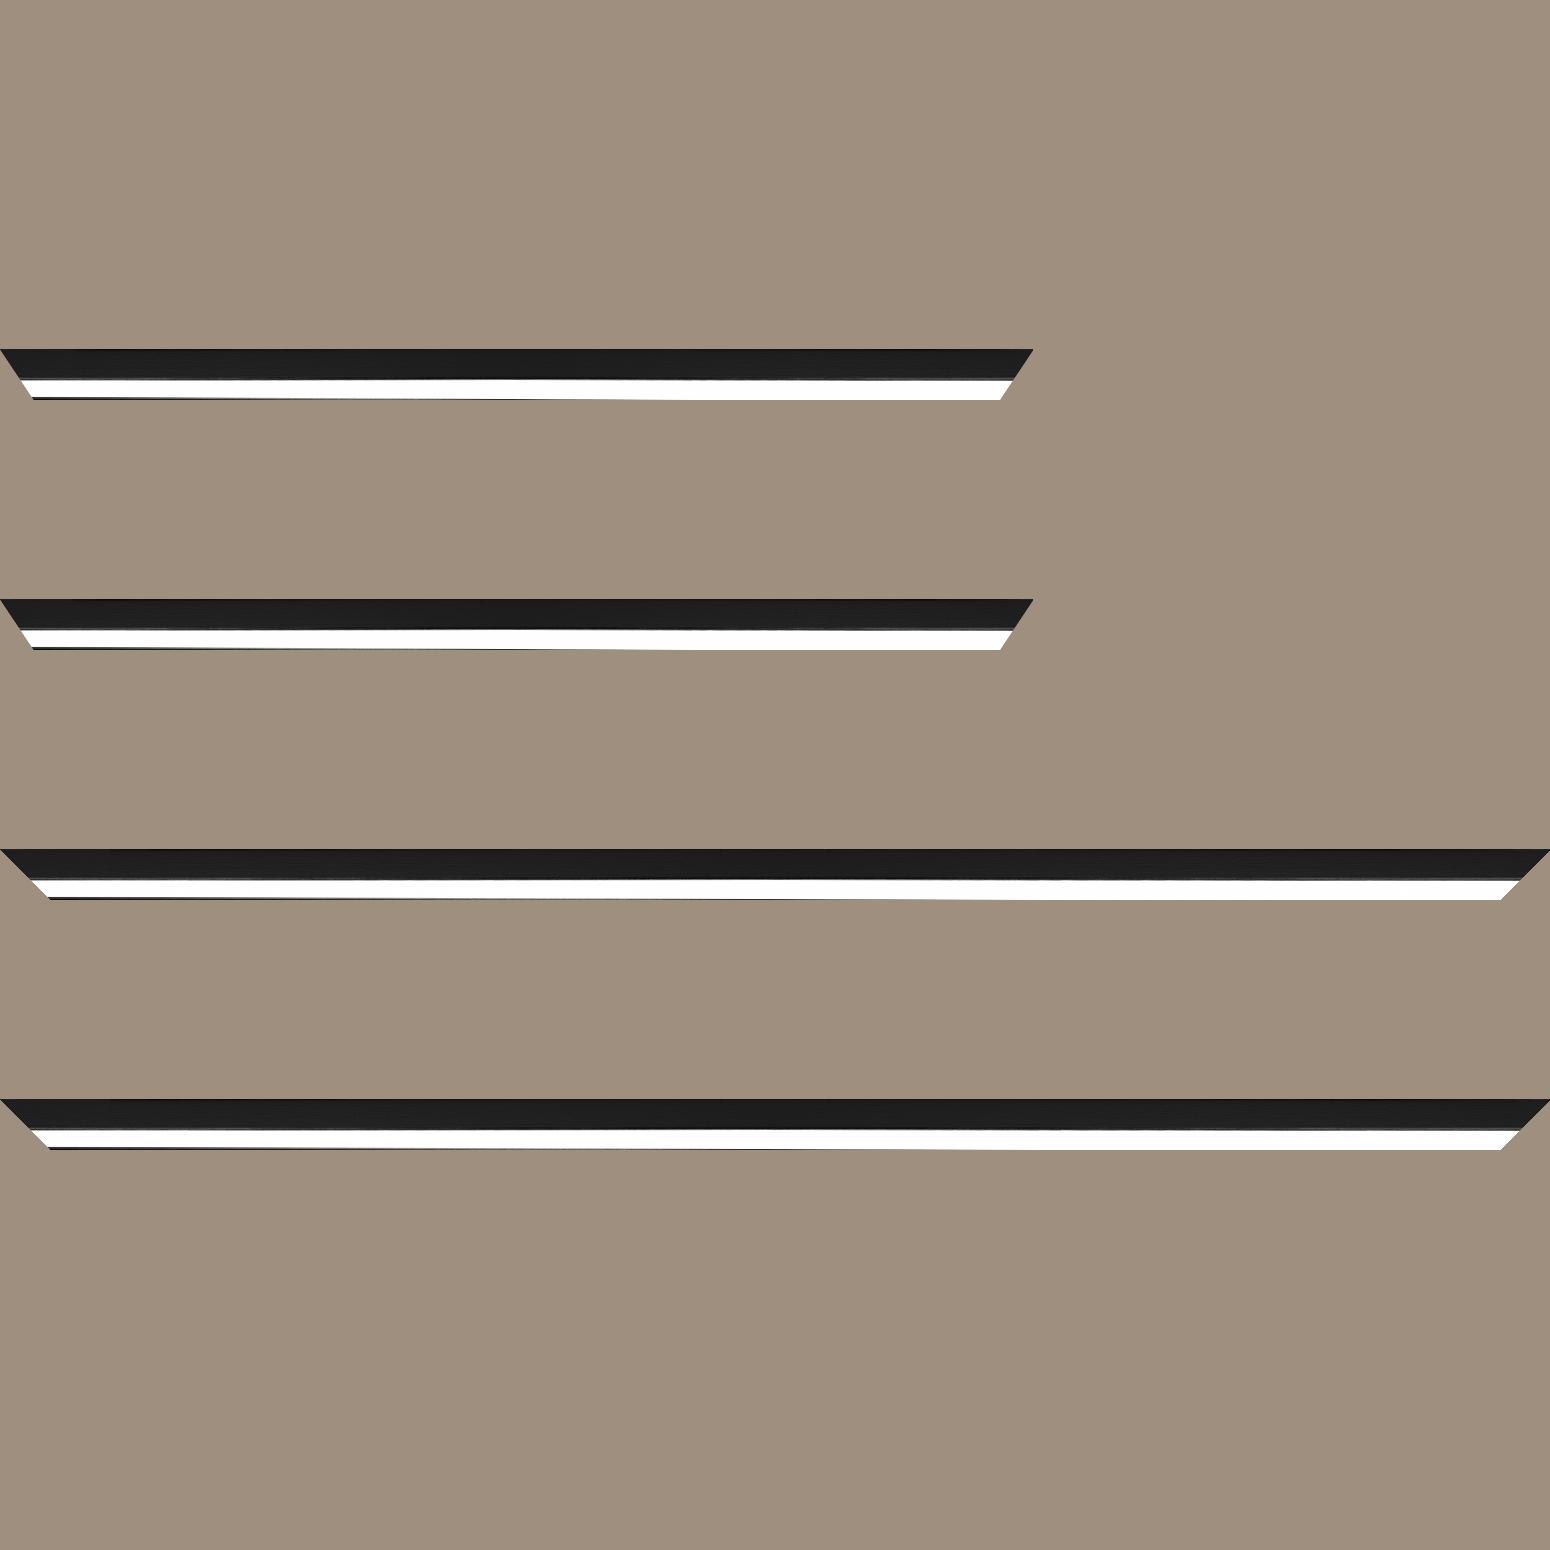 Baguette service précoupé Bois profil plat largeur 1.6cm couleur noir mat finition pore bouché filet blanc en retrait de la face du cadre de 6mm assurant un effet très original